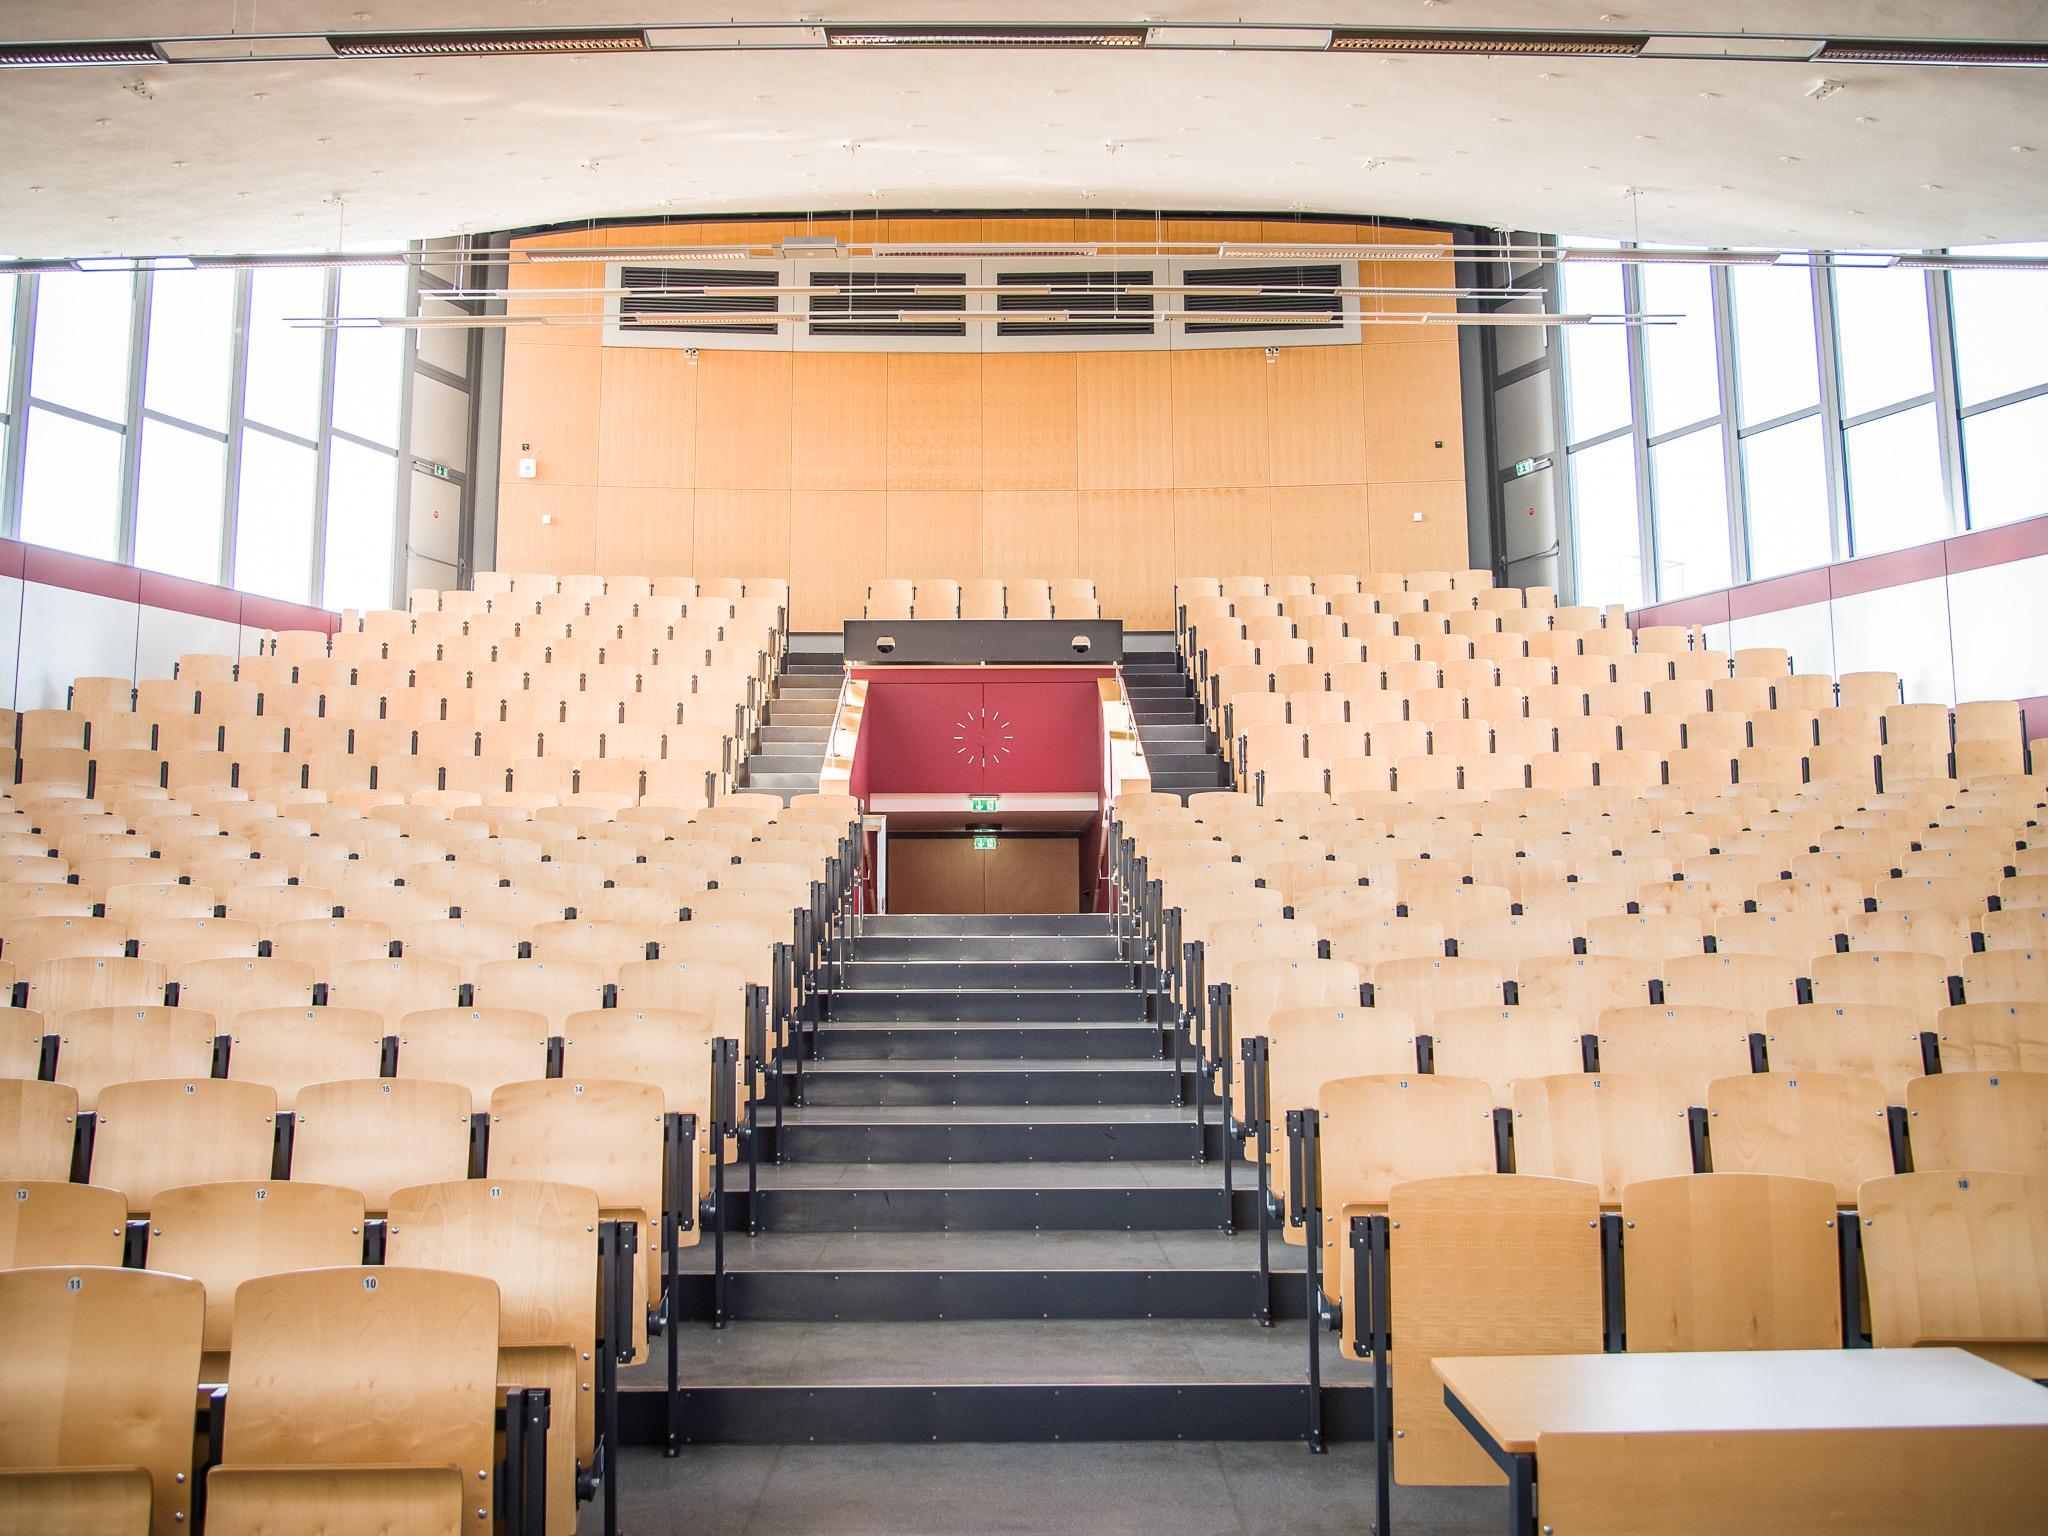 Ein Hörsaal der FHWS in Schweinfurt. Noch sind die Plätze leer, doch während des Semesters lauschen hier Studenten aus aller Welt den Dozenten. Foto: Pascal Höfig